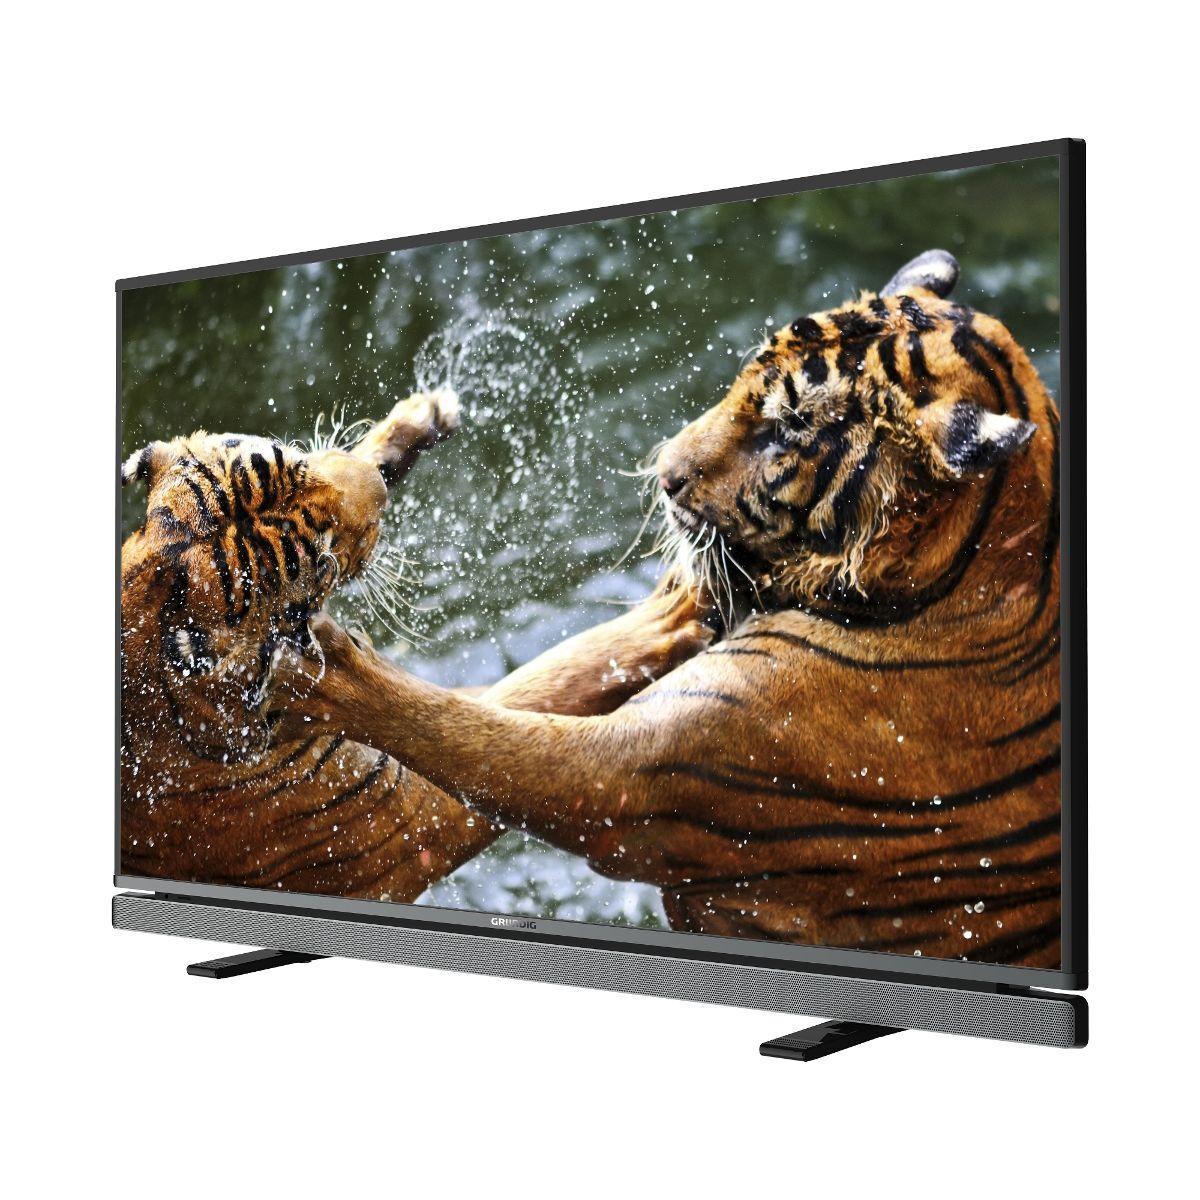 Tv grundig 32vle5503bg 200hz ppr - livraison offerte : code livraisontv